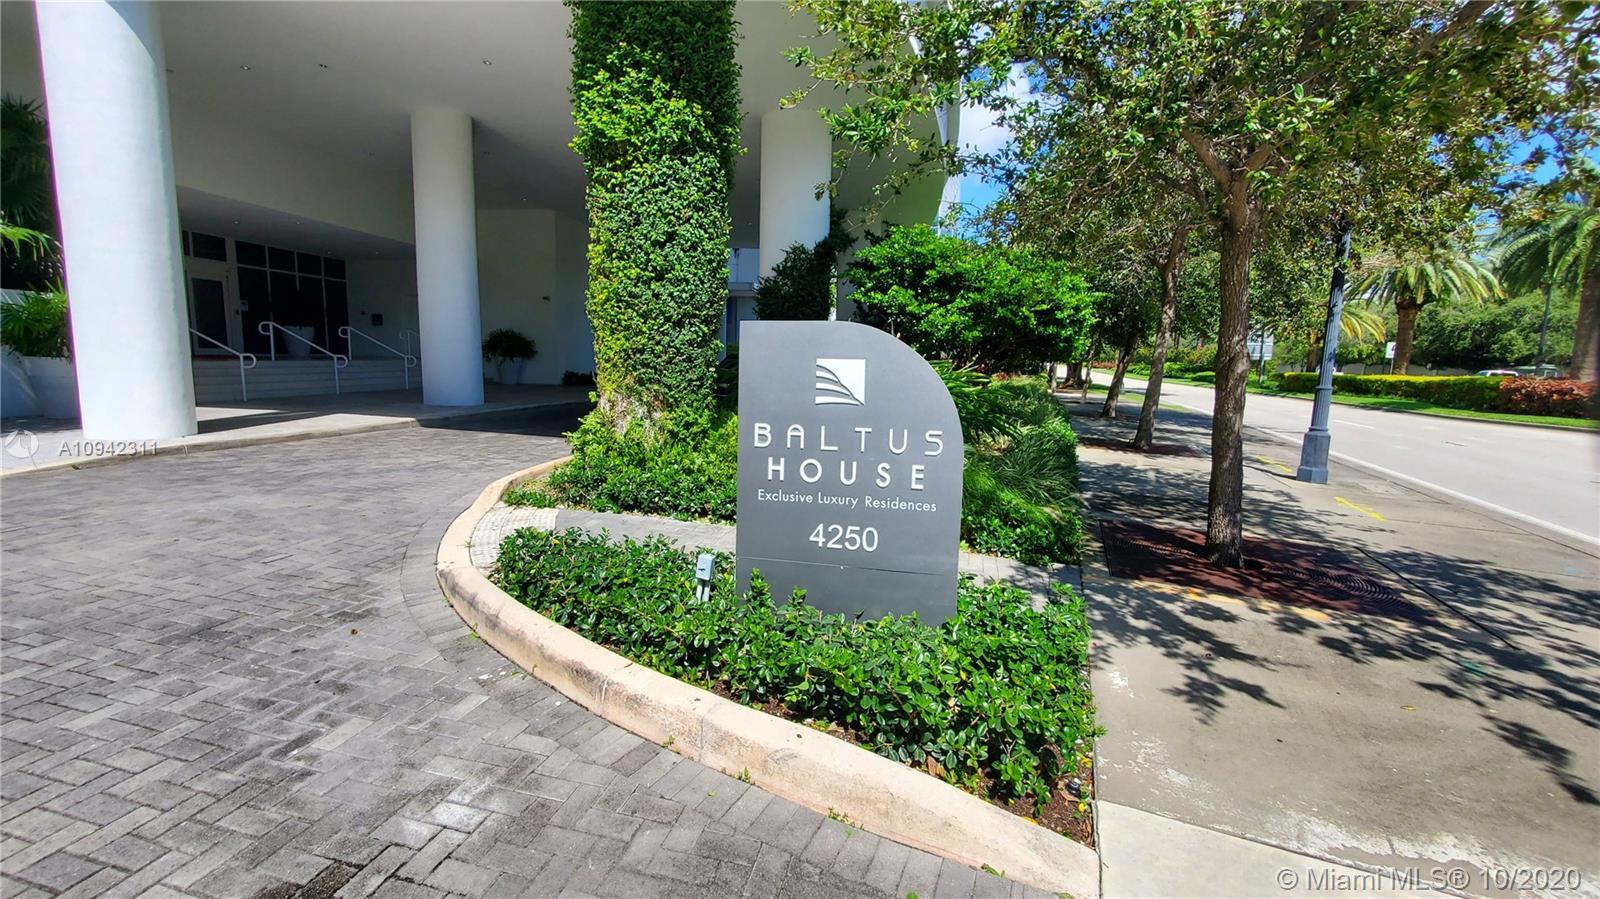 Baltus House #1015 - 4250 Biscayne Blvd #1015, Miami, FL 33137